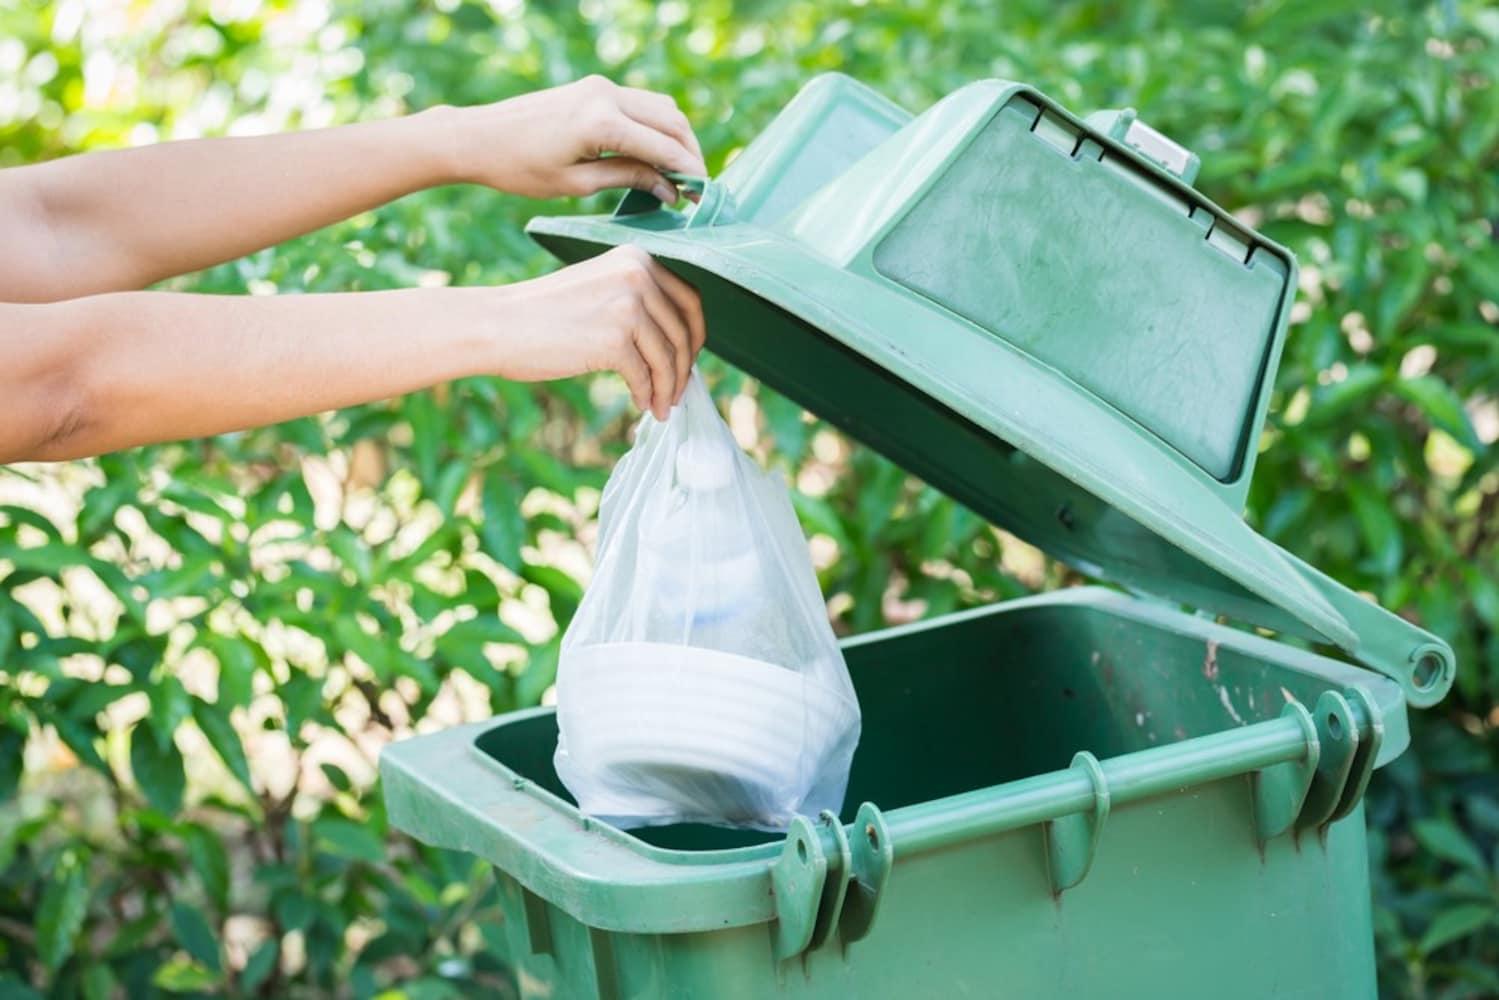 容量|1日の平均廃棄量は1人1Lが目安